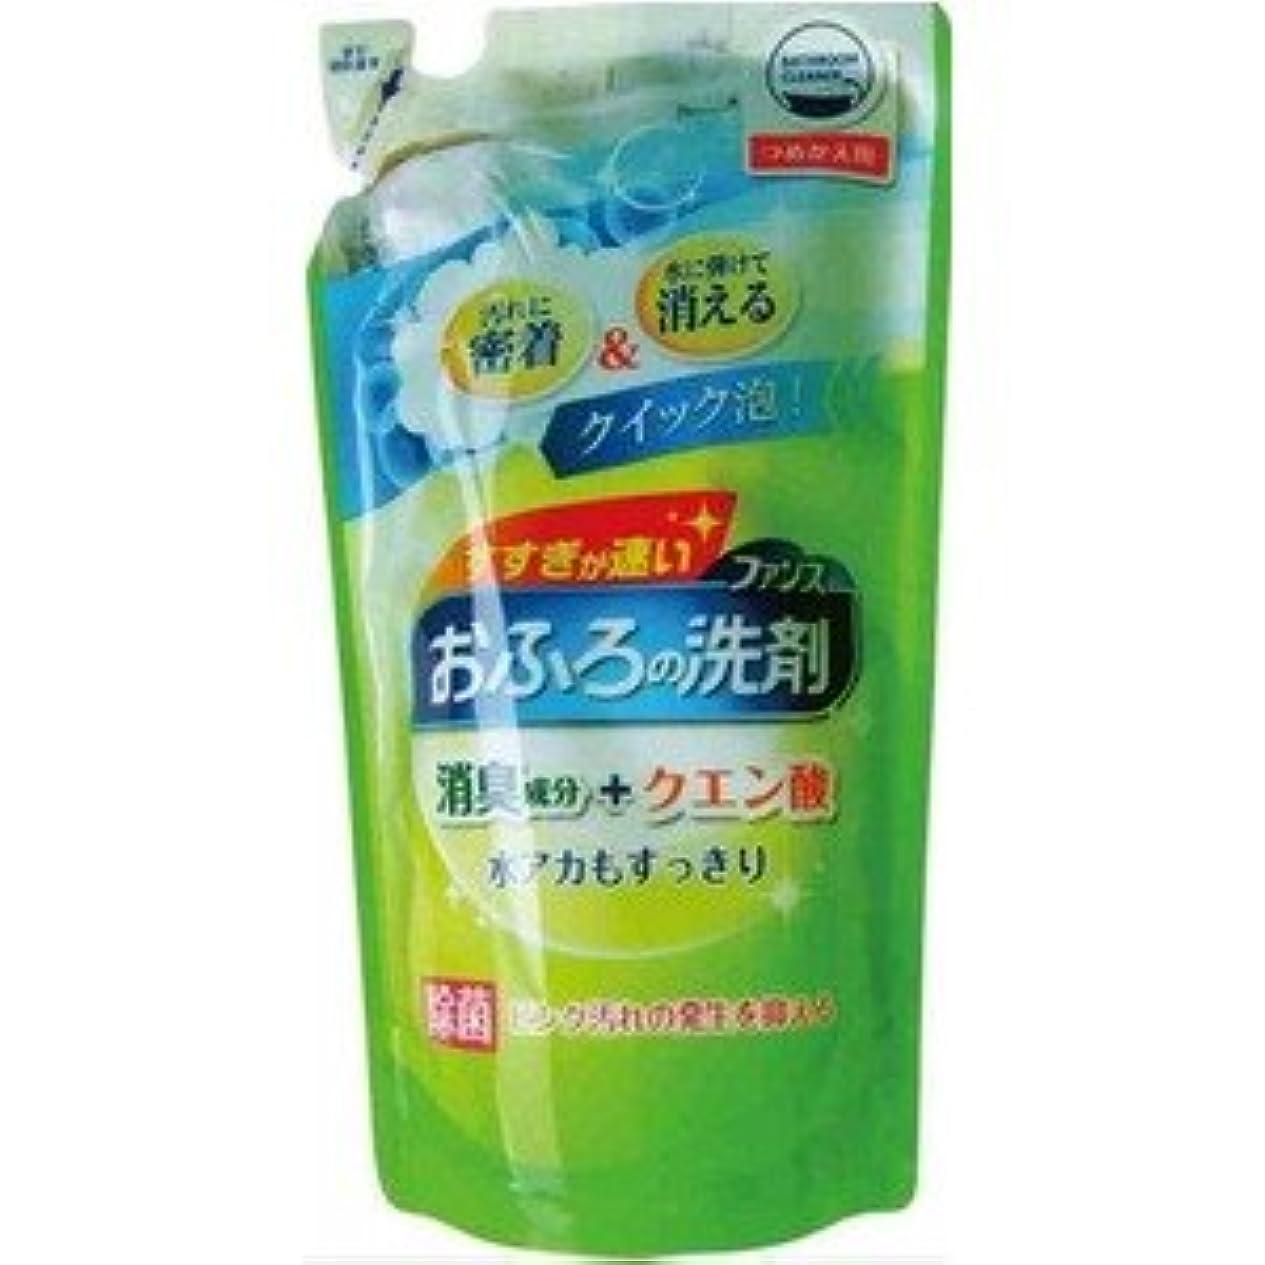 稚魚一時的肯定的ファンス おふろの洗剤グリーンハーブ詰替用330ml 46-262 【200個セット】